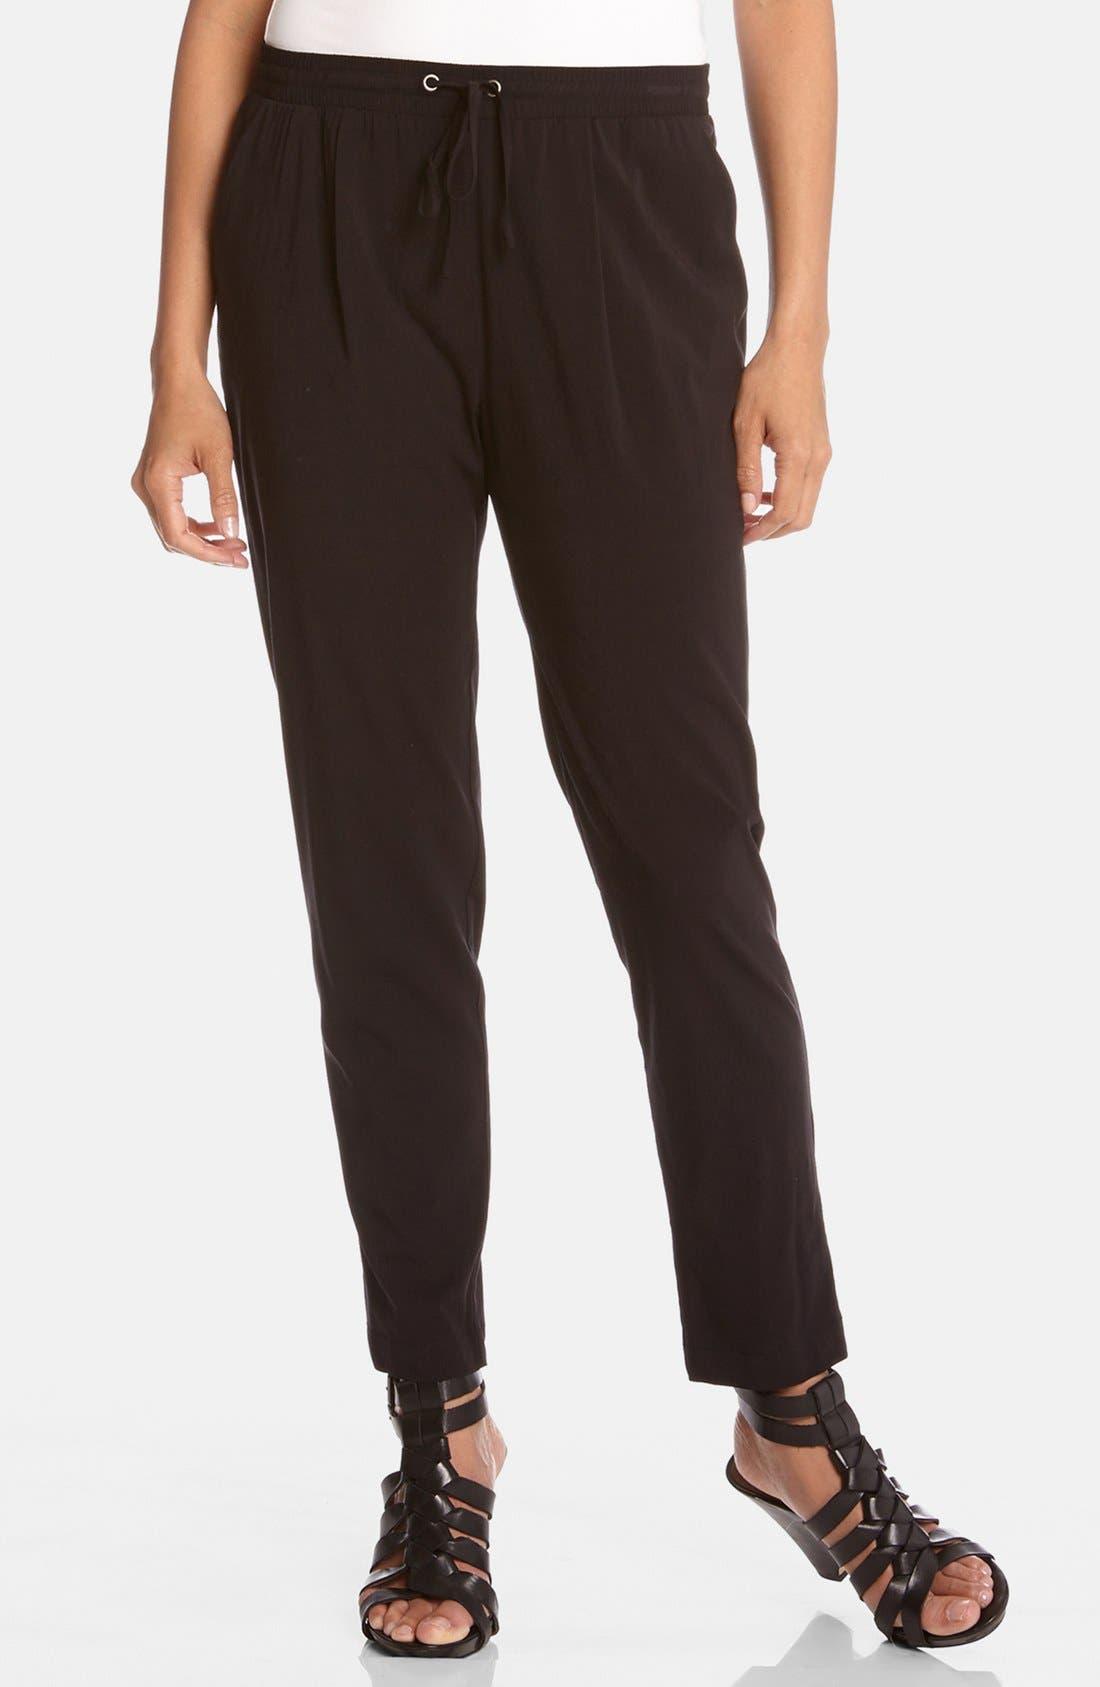 Alternate Image 1 Selected - Karen Kane Drawstring Pants